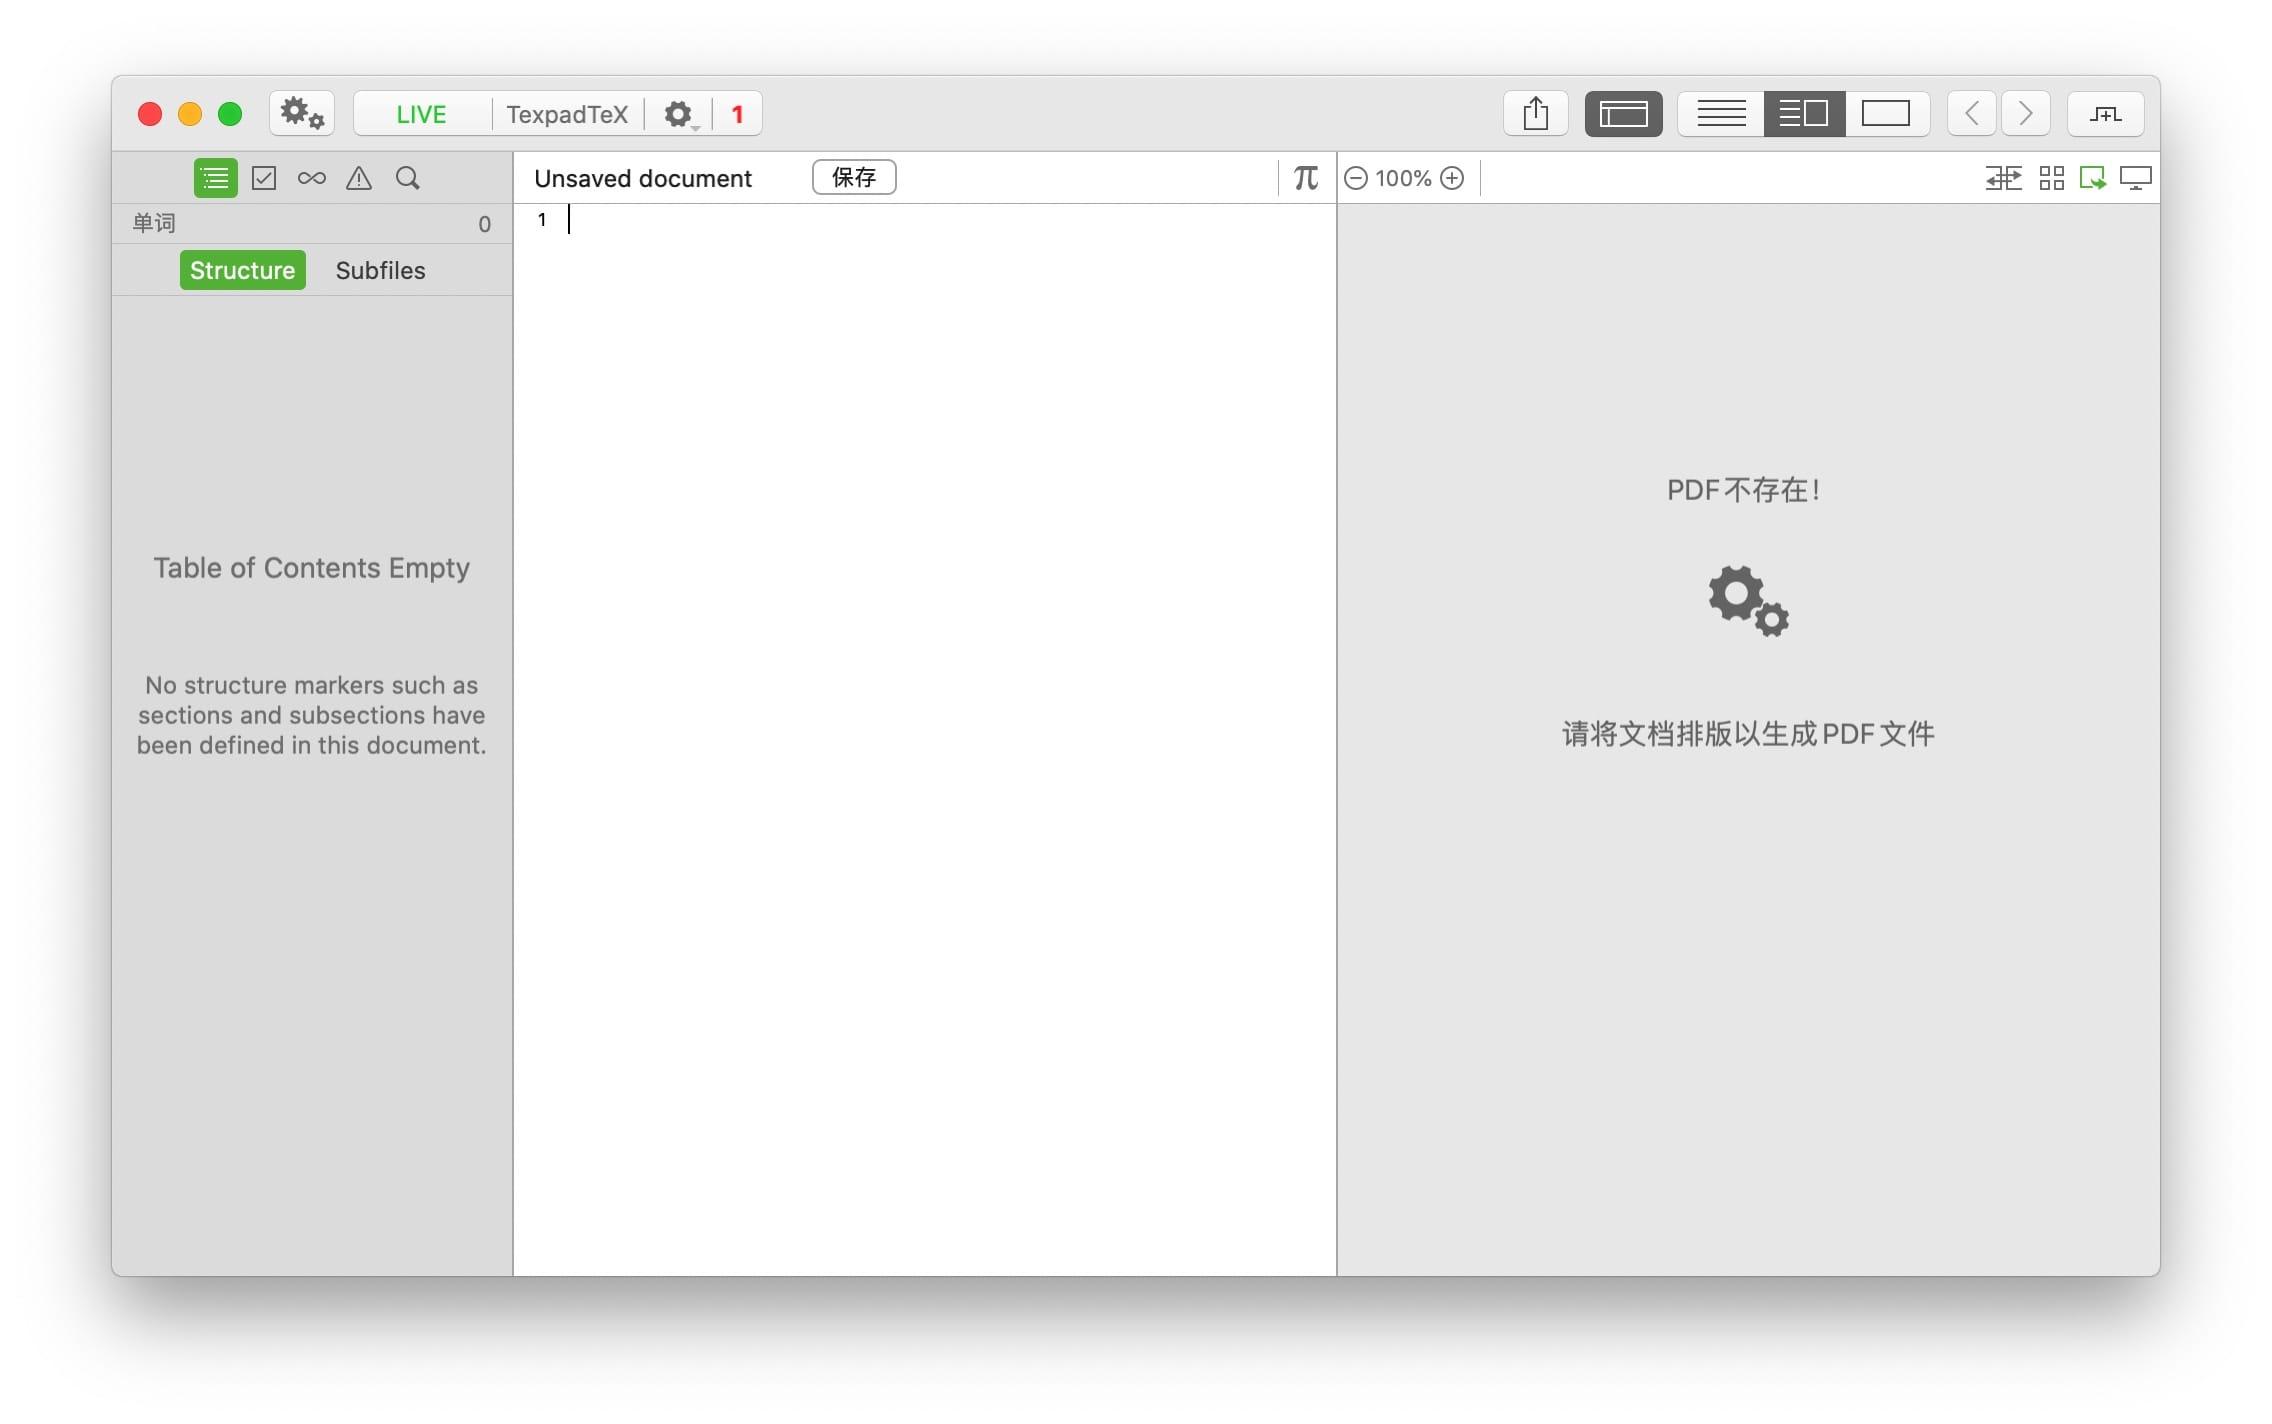 Texpad 1.8.15 (529) 中文破解版 专业的LaTeX的编辑器 写作软件 第3张